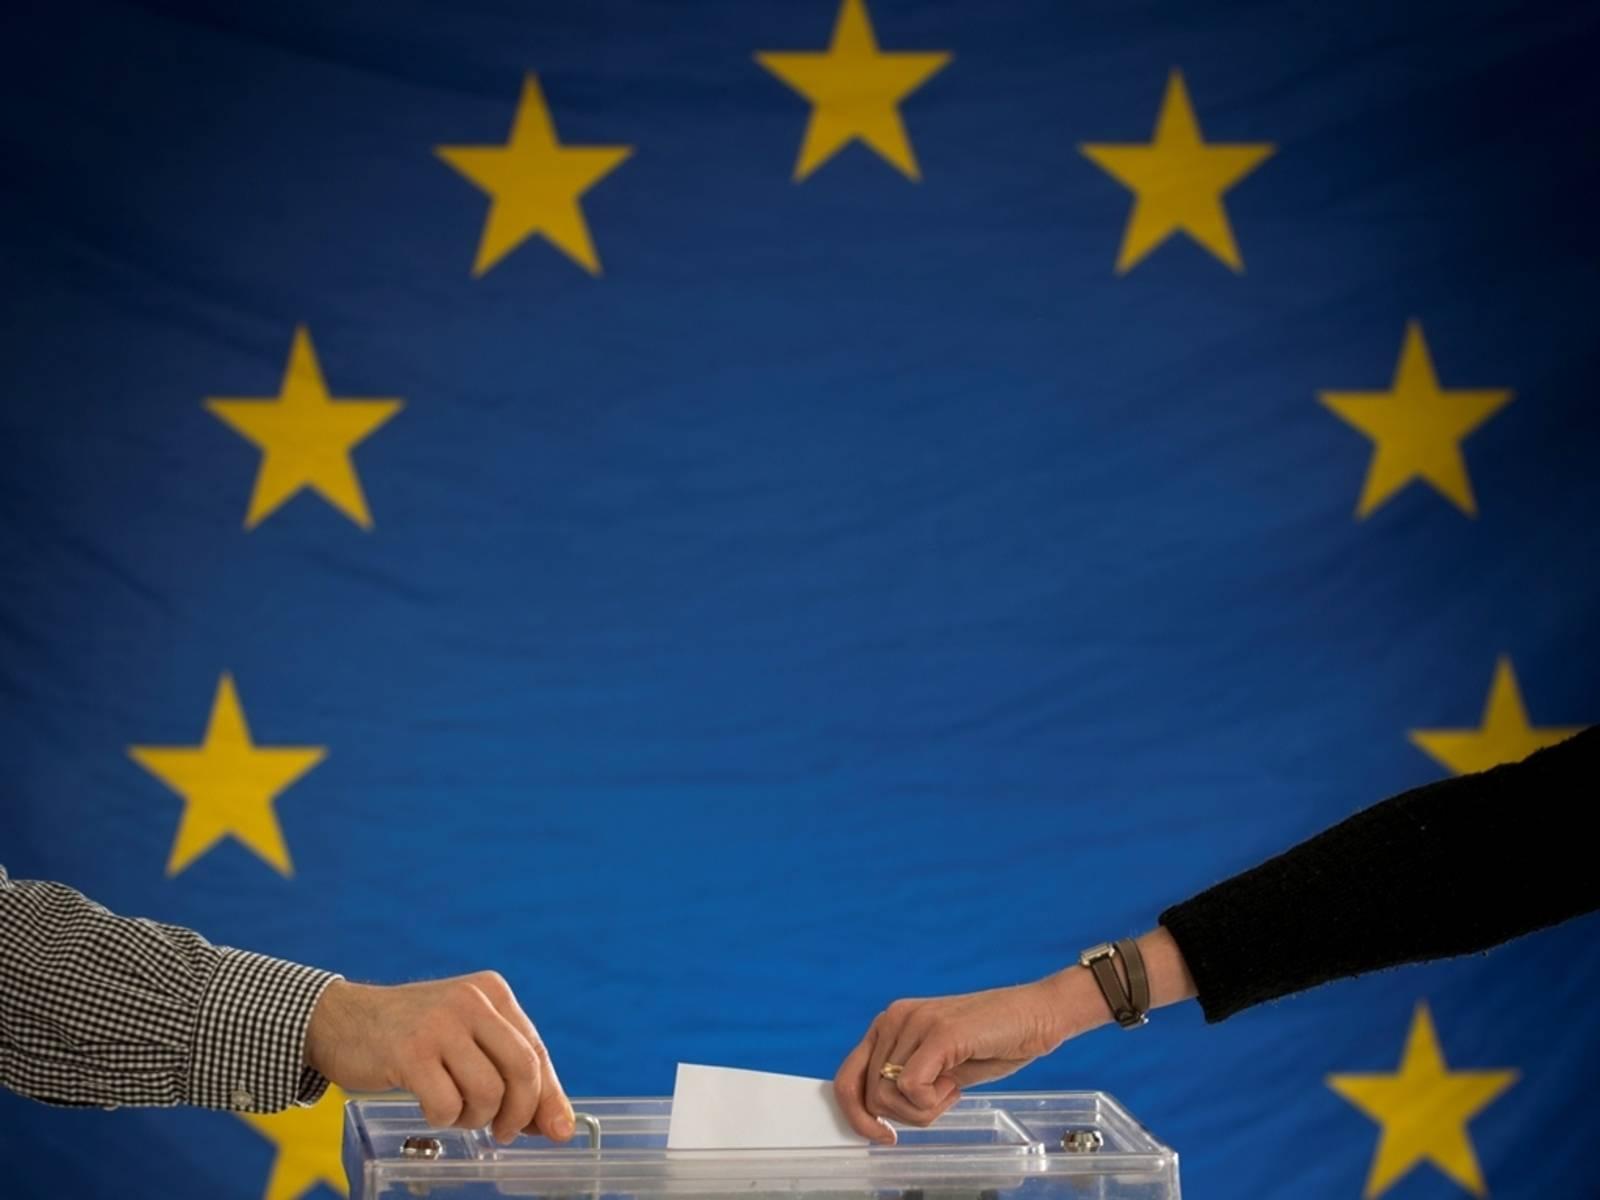 Die Wahlurne vor dem Hintergrund der Europäischen Flagge